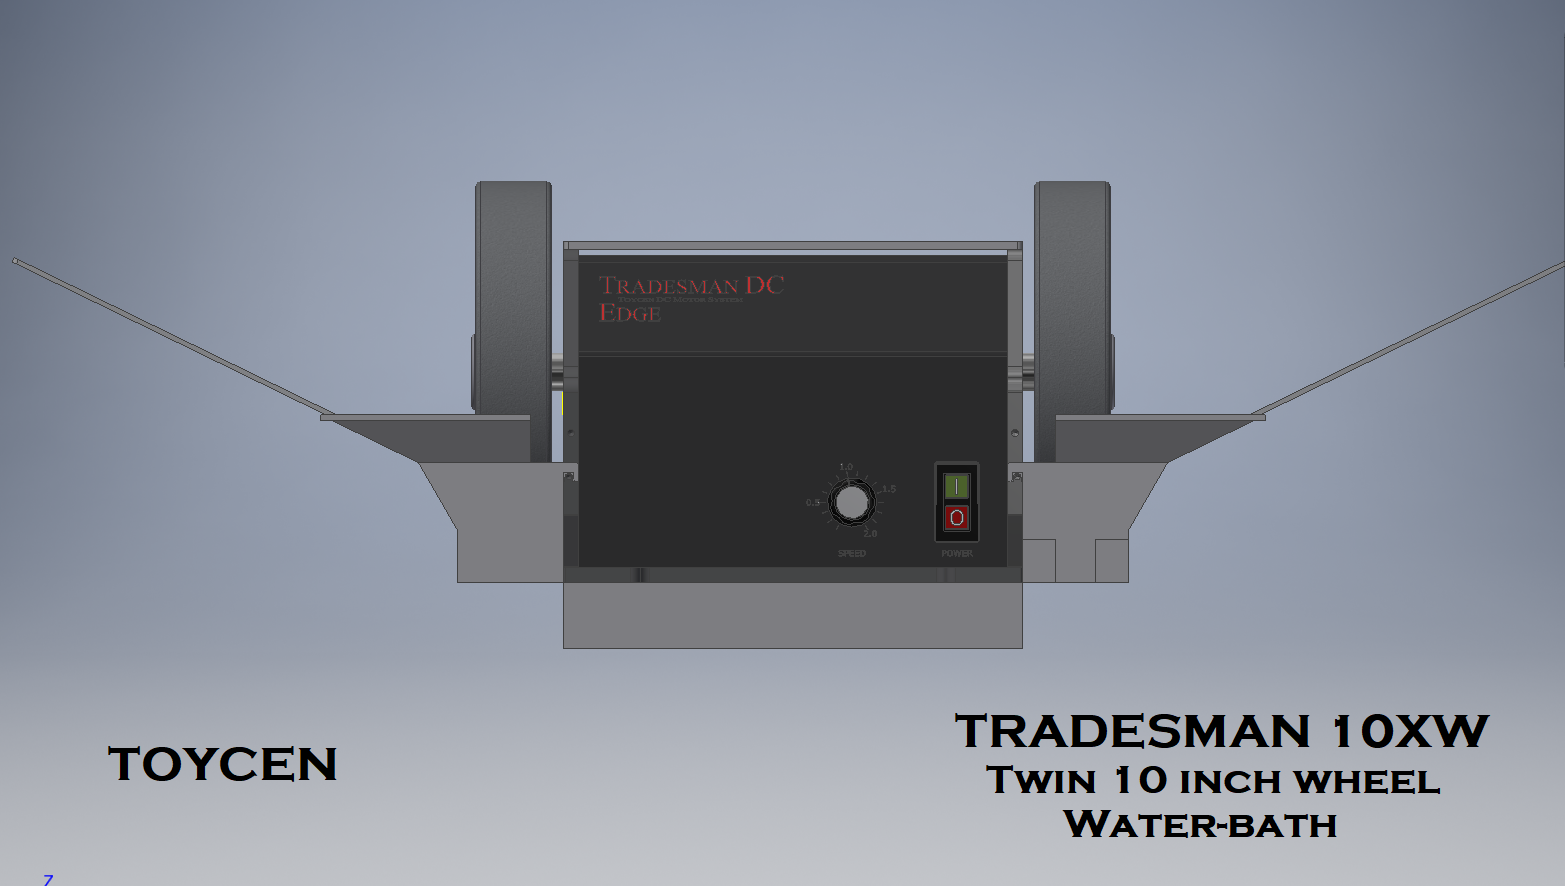 Tradesman Edge Twin wheel Waterbath